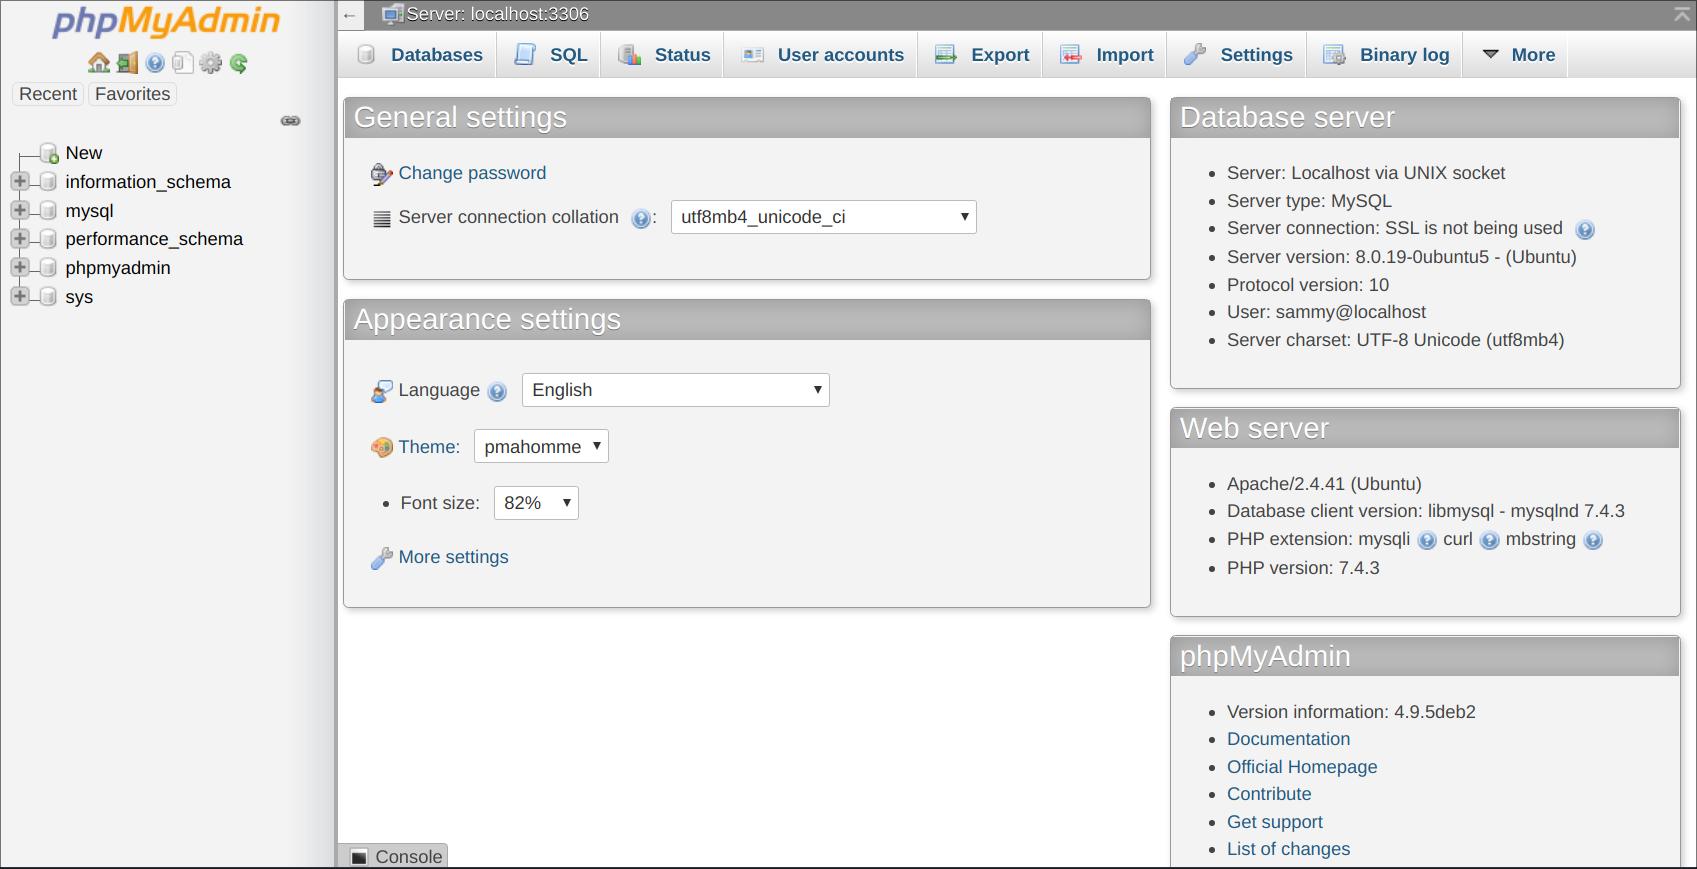 phpMyAdminユーザーインターフェース